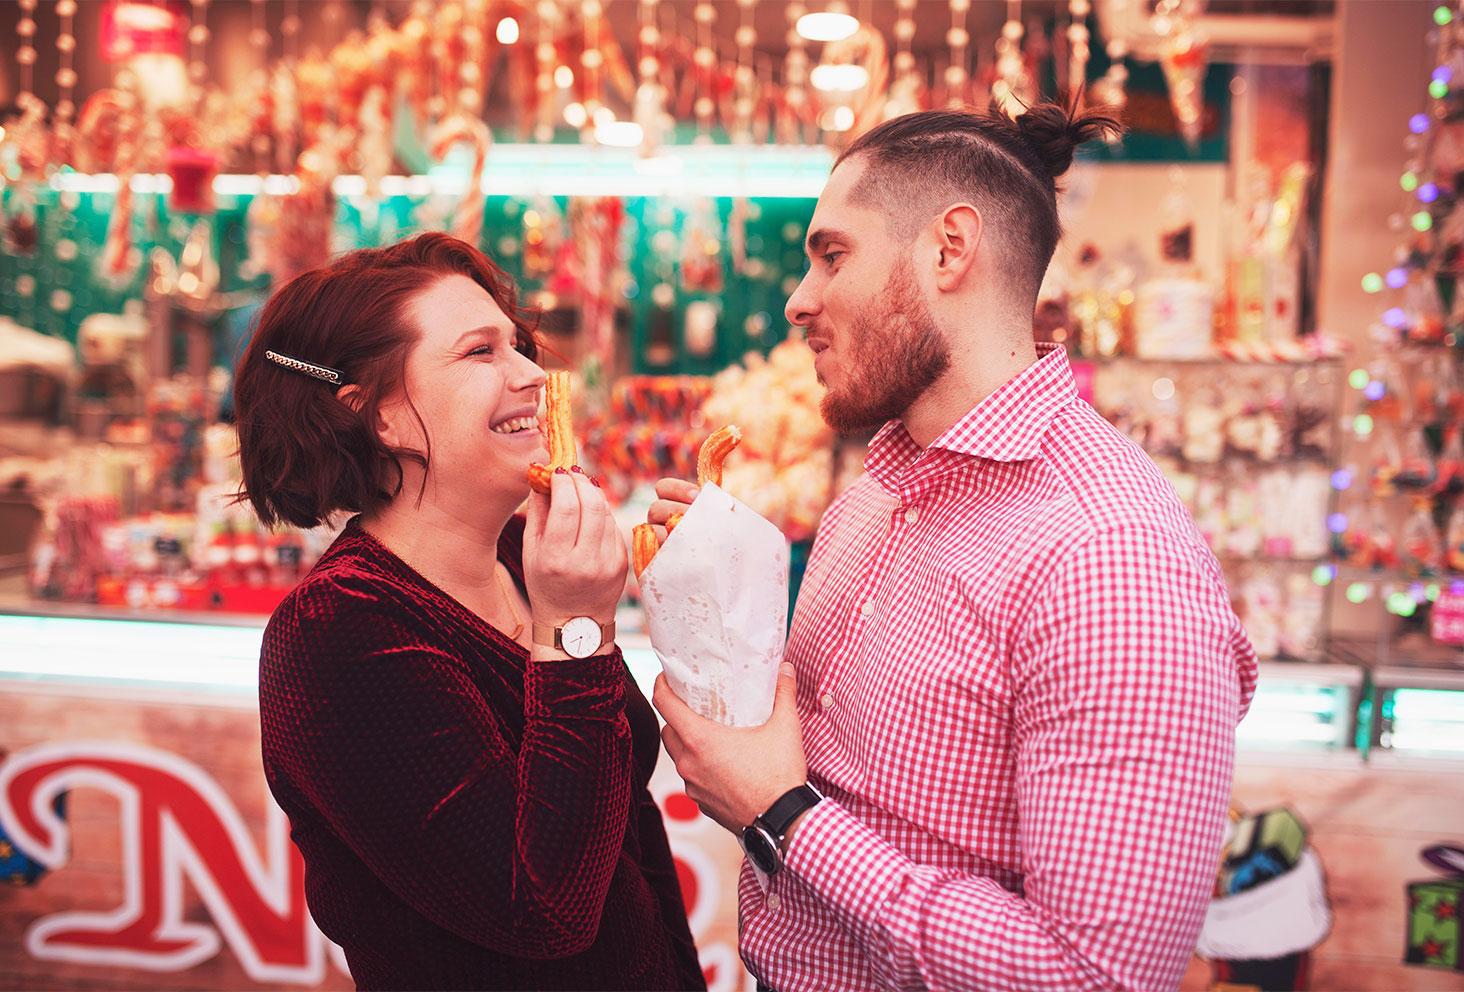 En train de manger des churros en amoureux devant le camion de chichis du marché de Noël, en tenues de fêtes avec le sourire